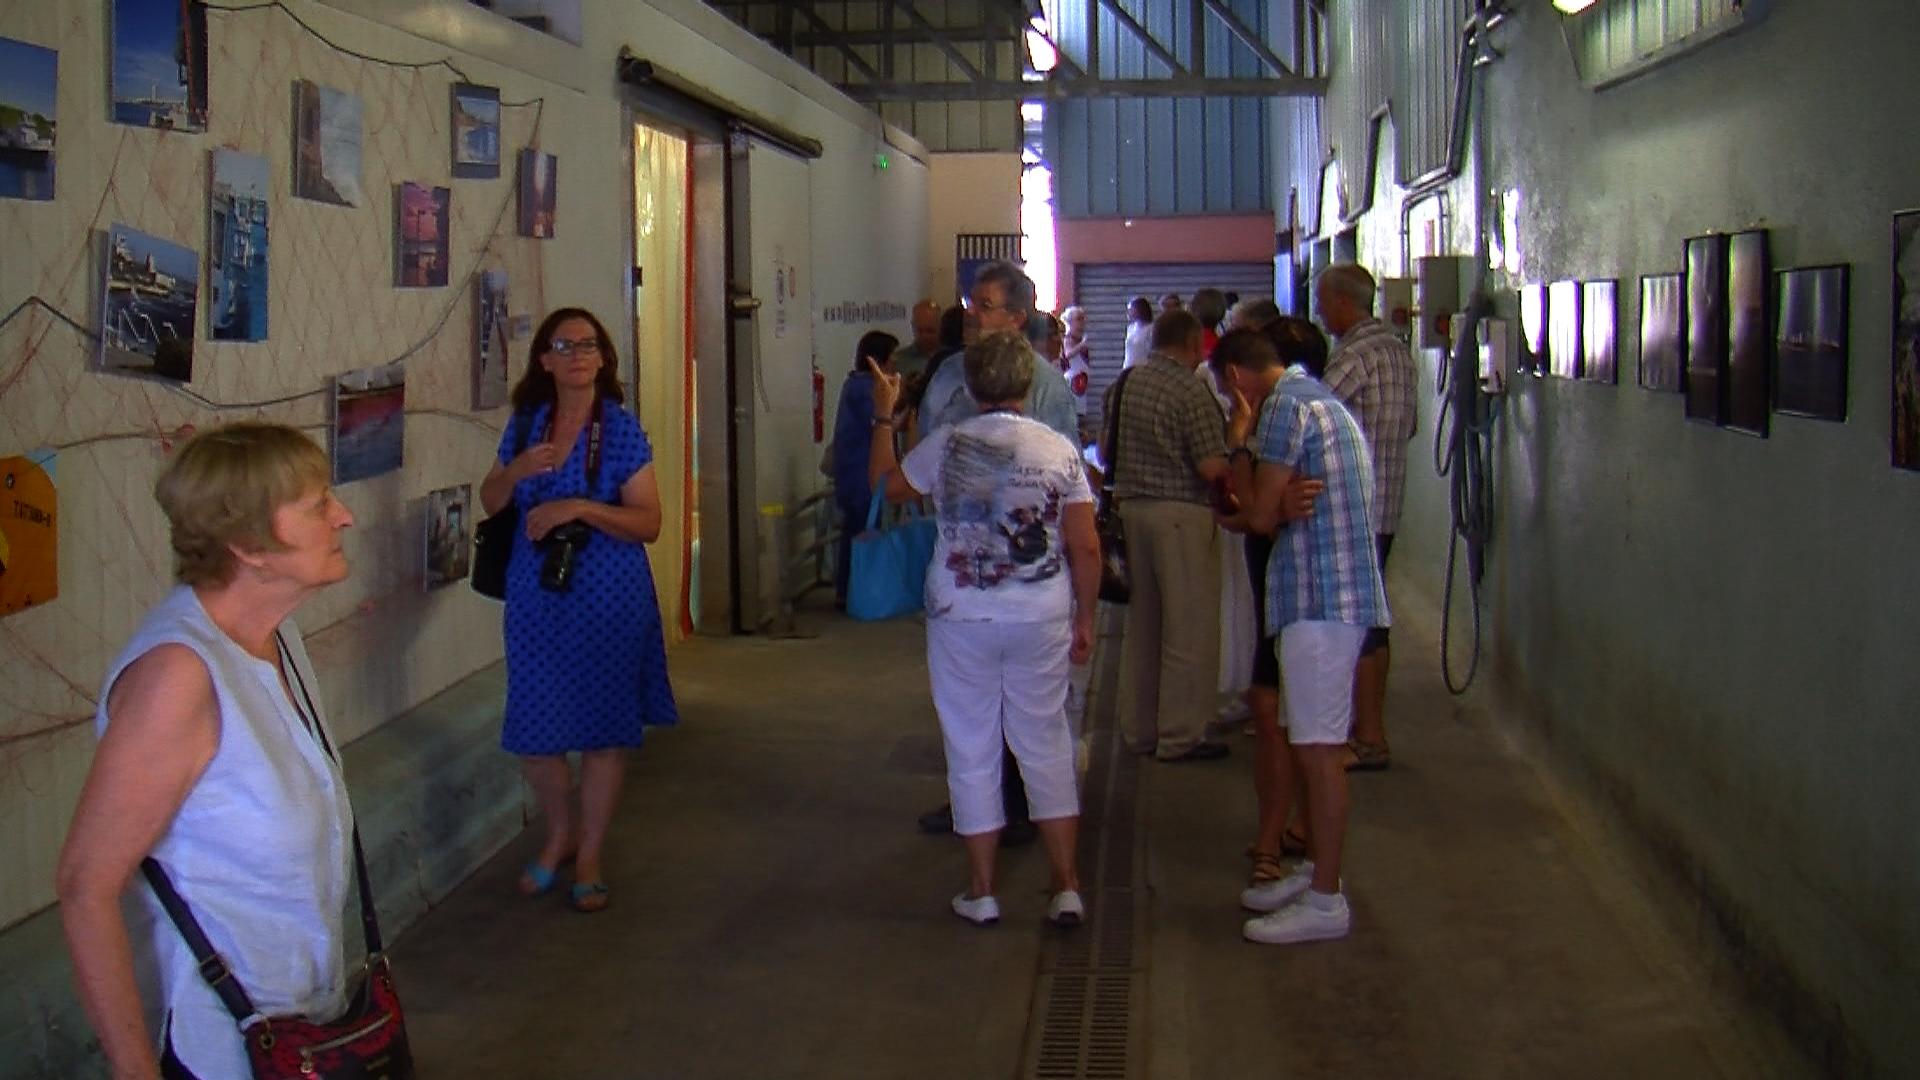 Culture port de bouc une expo la cri e pour d couvrir port de bouc en photo - Patricia fernandez port de bouc ...